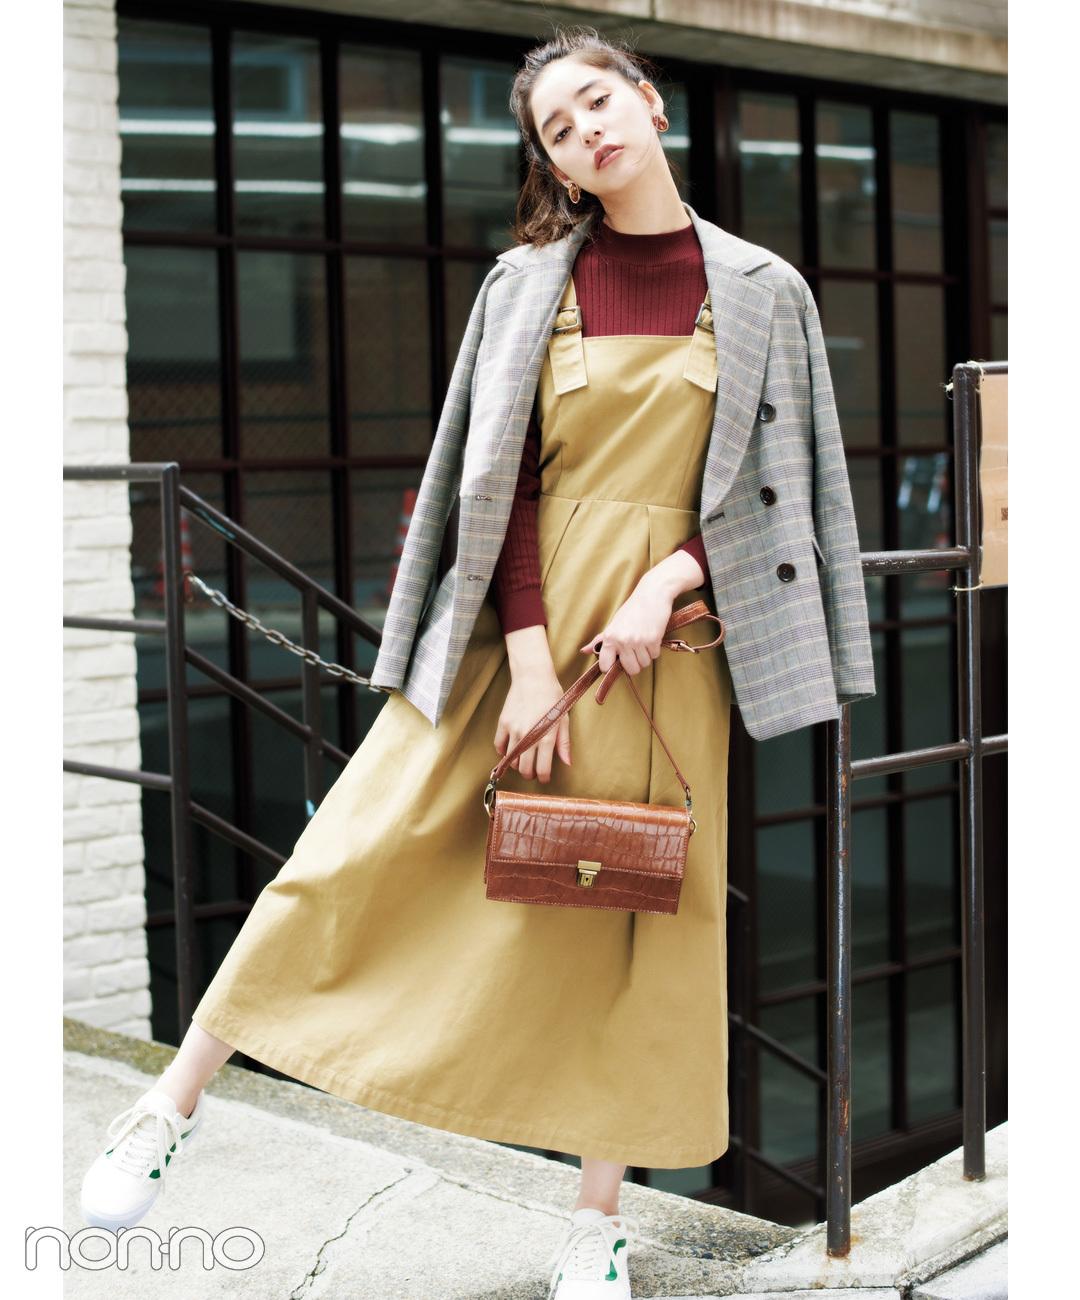 【グレンチェックコーデ】新木優子は、ワンピにチェックジャケットの肩掛けでラフな空気感をまとって